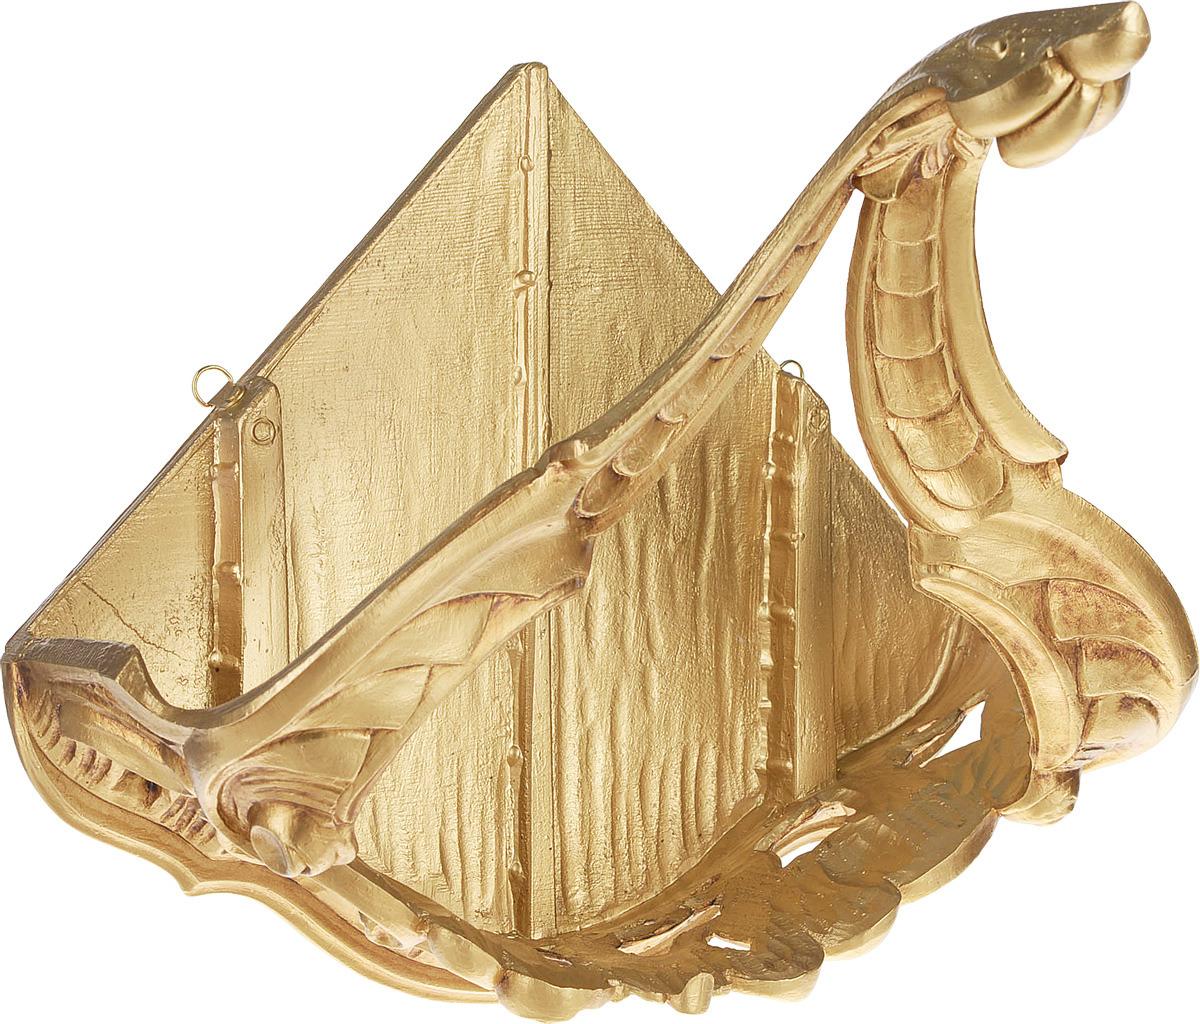 Консоль Lefard, угловая, 290-009, золотой, 34 x 24 х 29 см